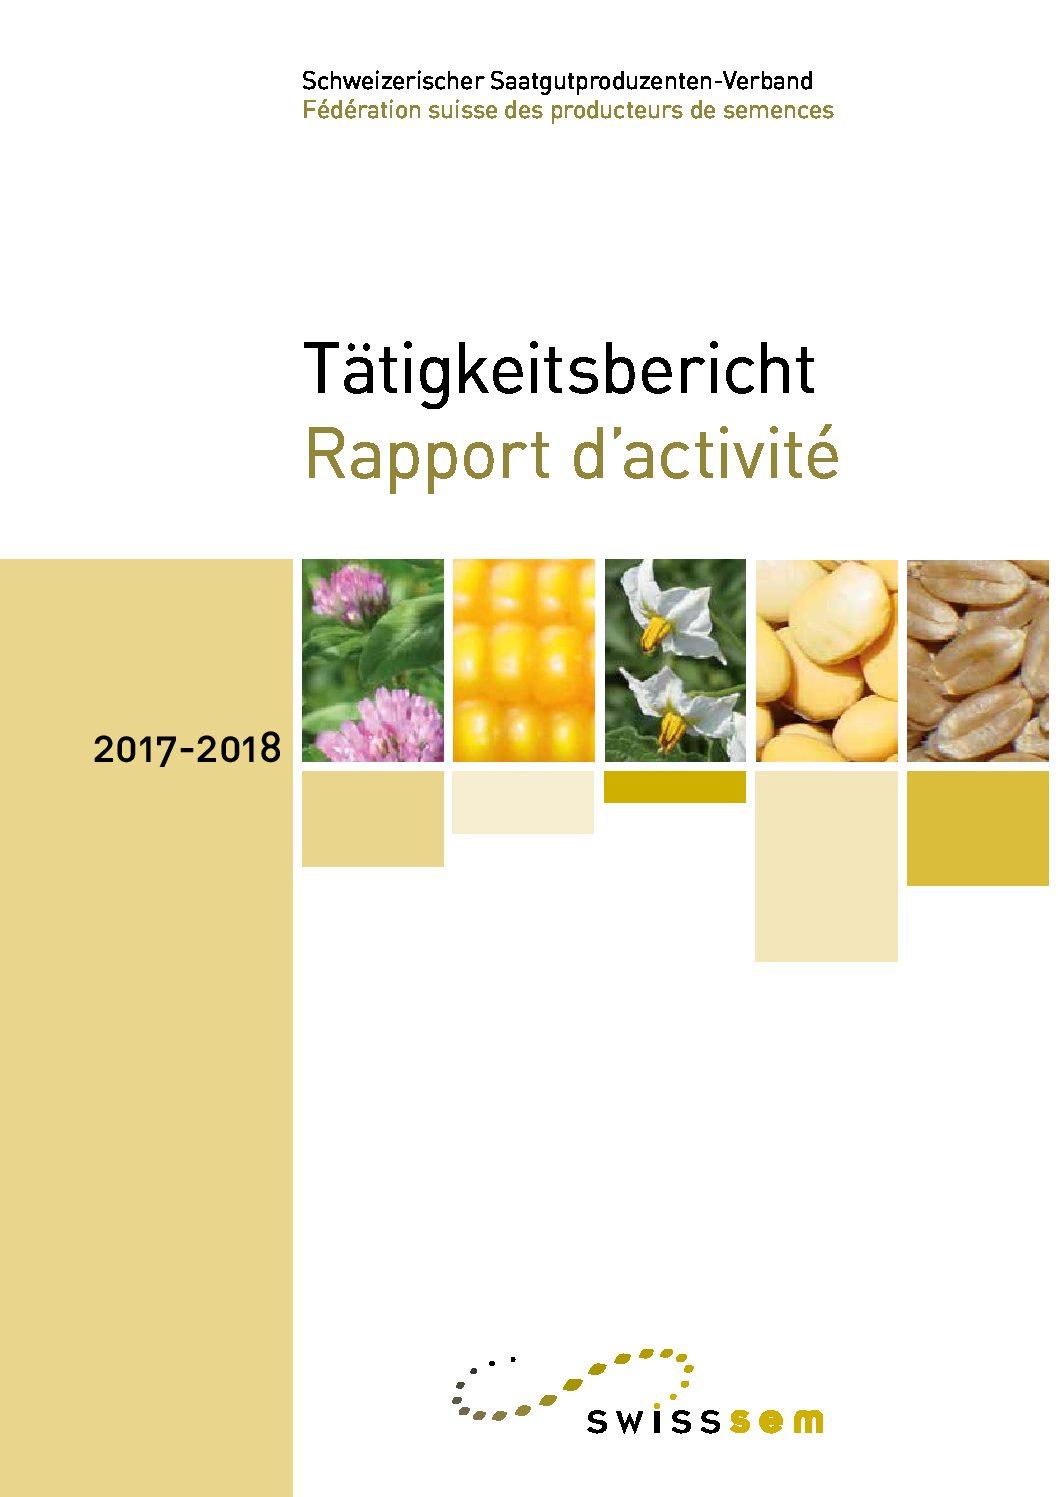 Tätigkeitsbericht 2017-2018